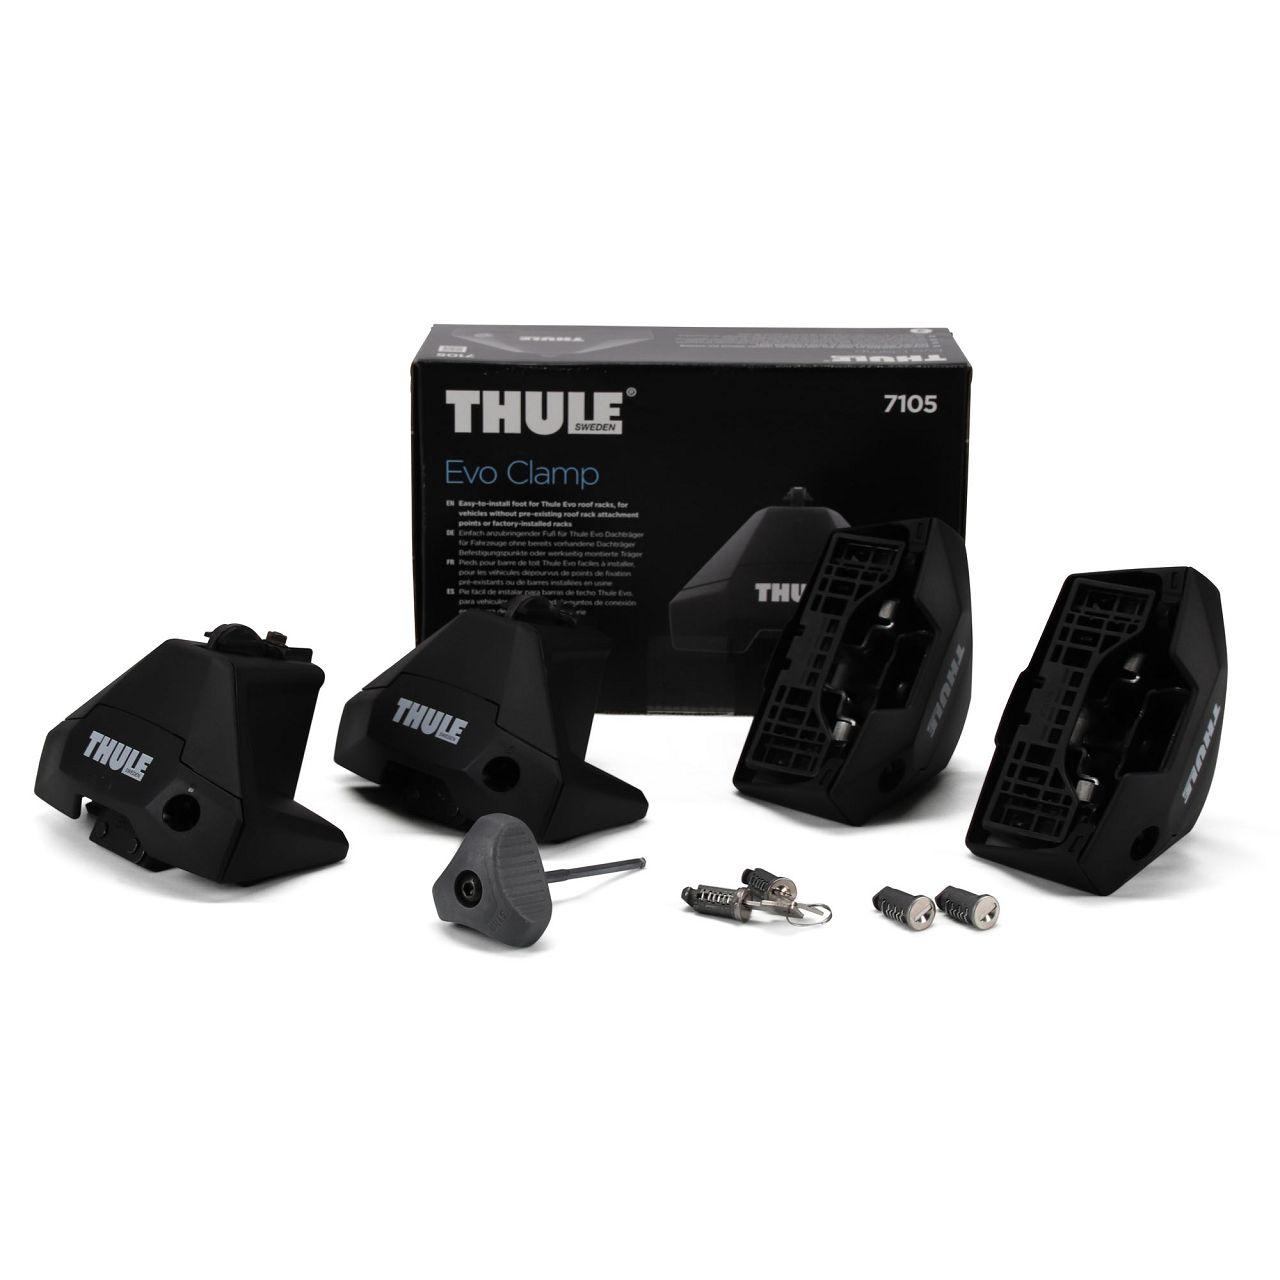 THULE Evo CLAMP 7105 Dachträgerfußsatz Dachträgerfuß Fuß Pack 710500